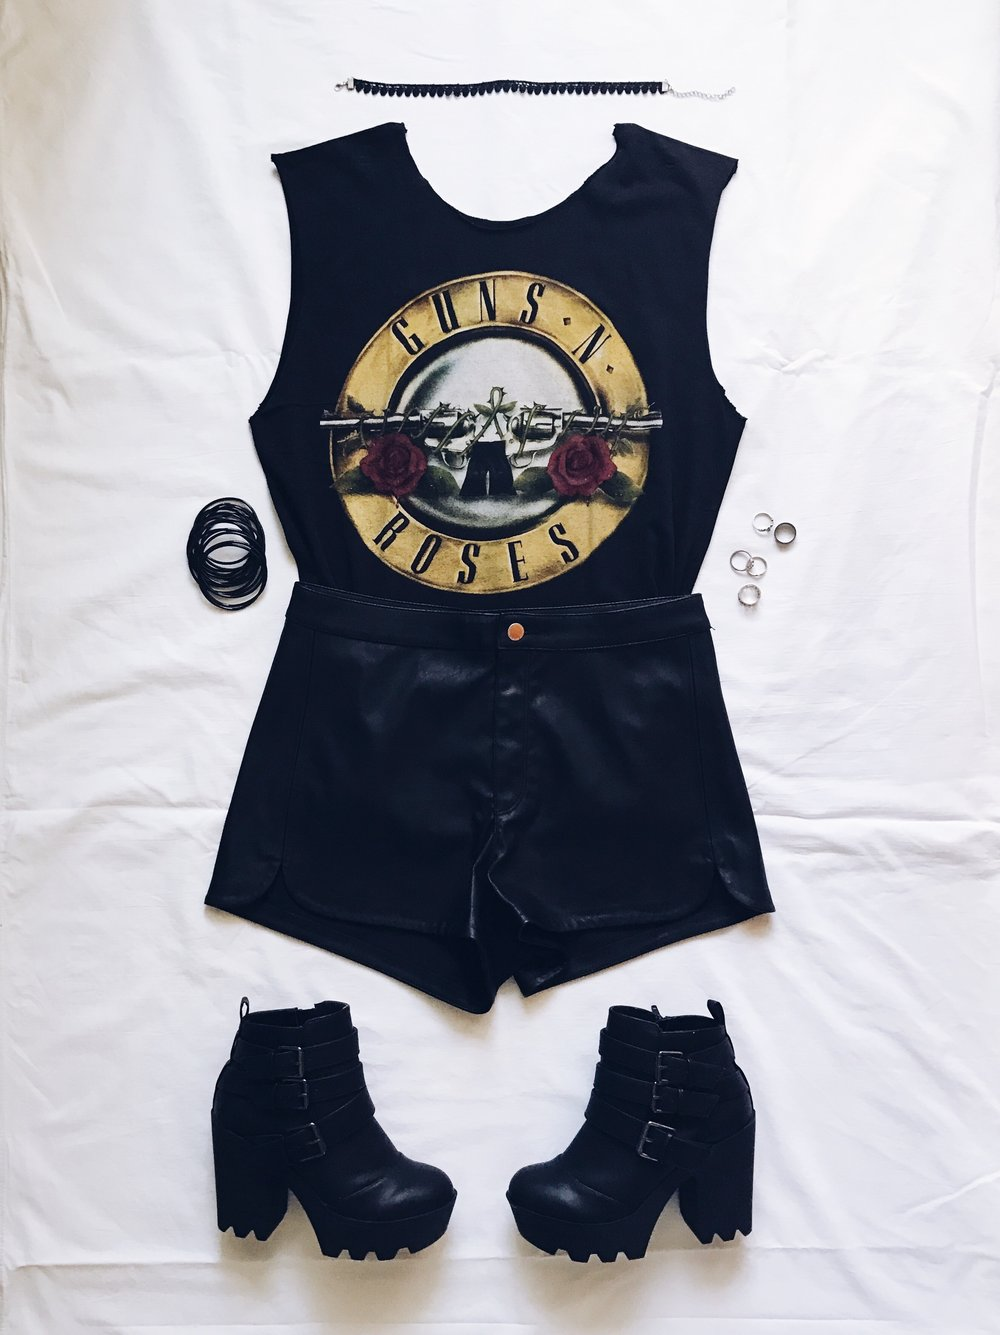 Тениска на Guns n Roses: Hottopic. Преправена и изрязана от мен :P  Кожени къси панталонки: H&M  Боти: Tally Weijl  Choker и гривни: Amazon Fashion  Пръстени: H&M, Orsay